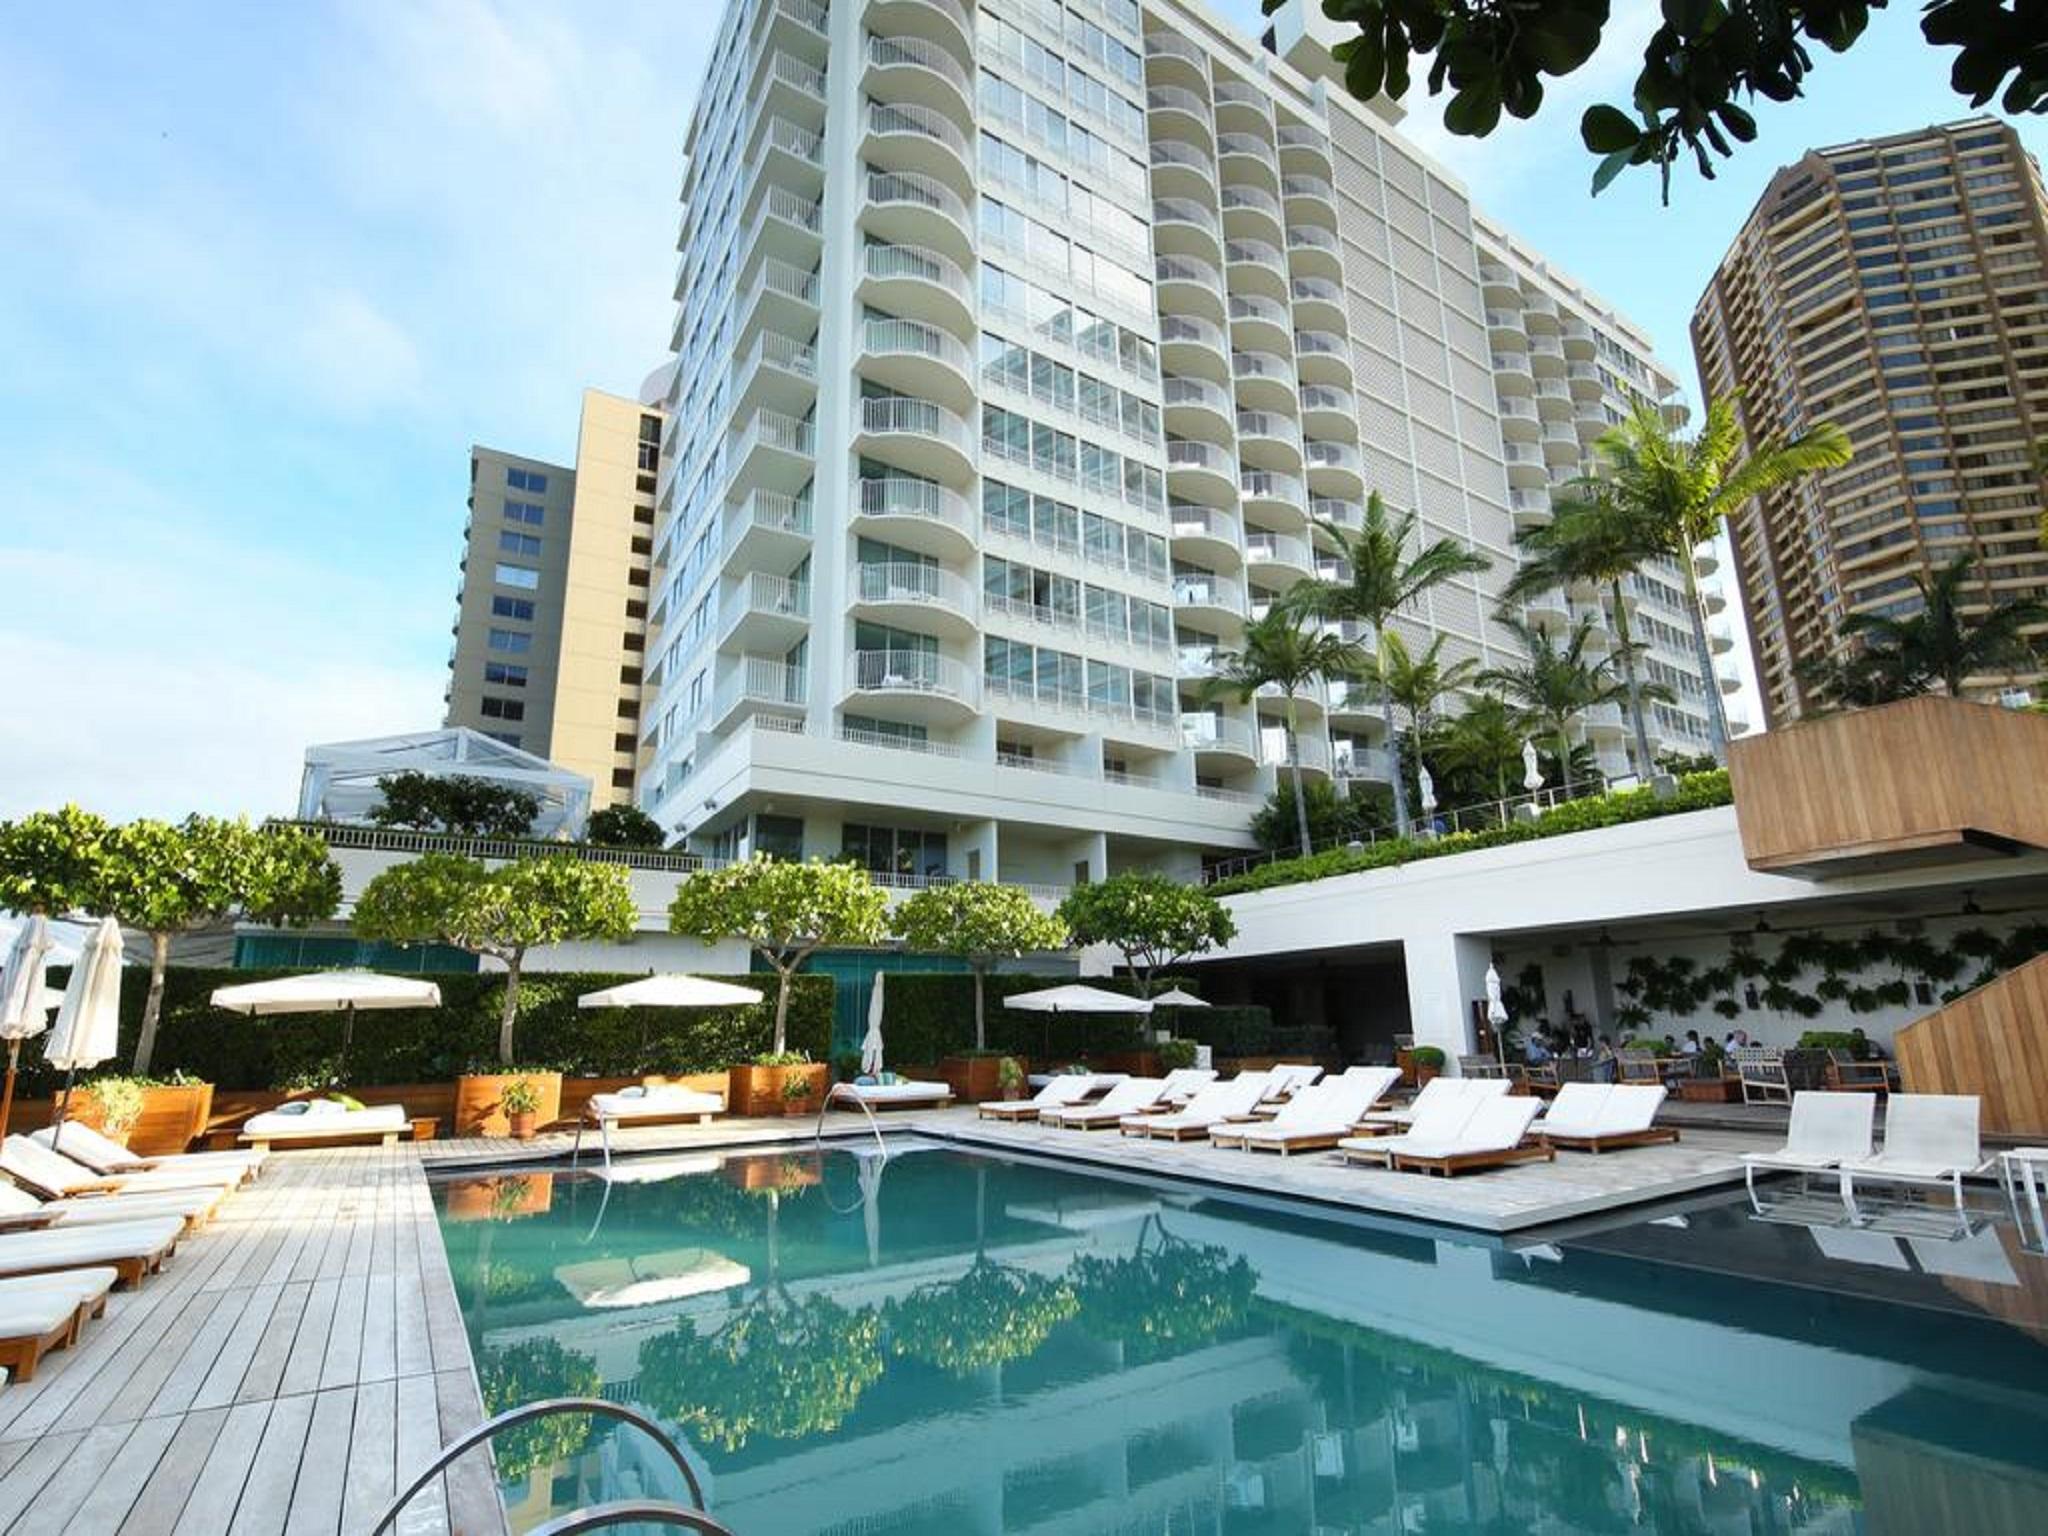 The Modern Honolulu Hotel